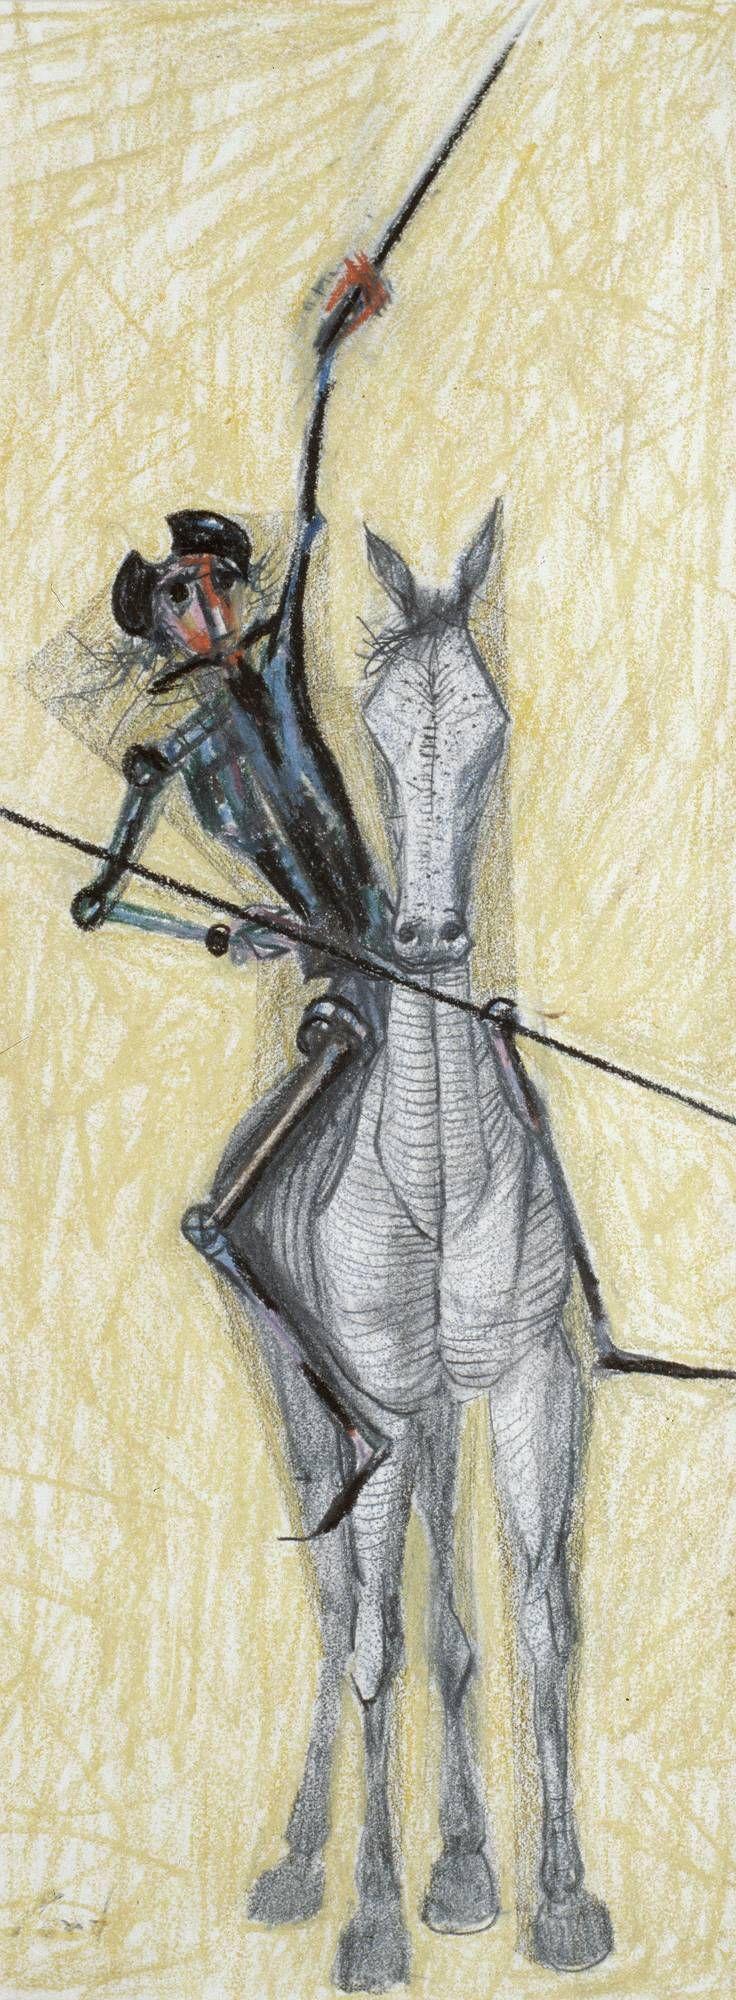 Portal Portinari - Dom Quixote a Cavalo com Lança e Espada